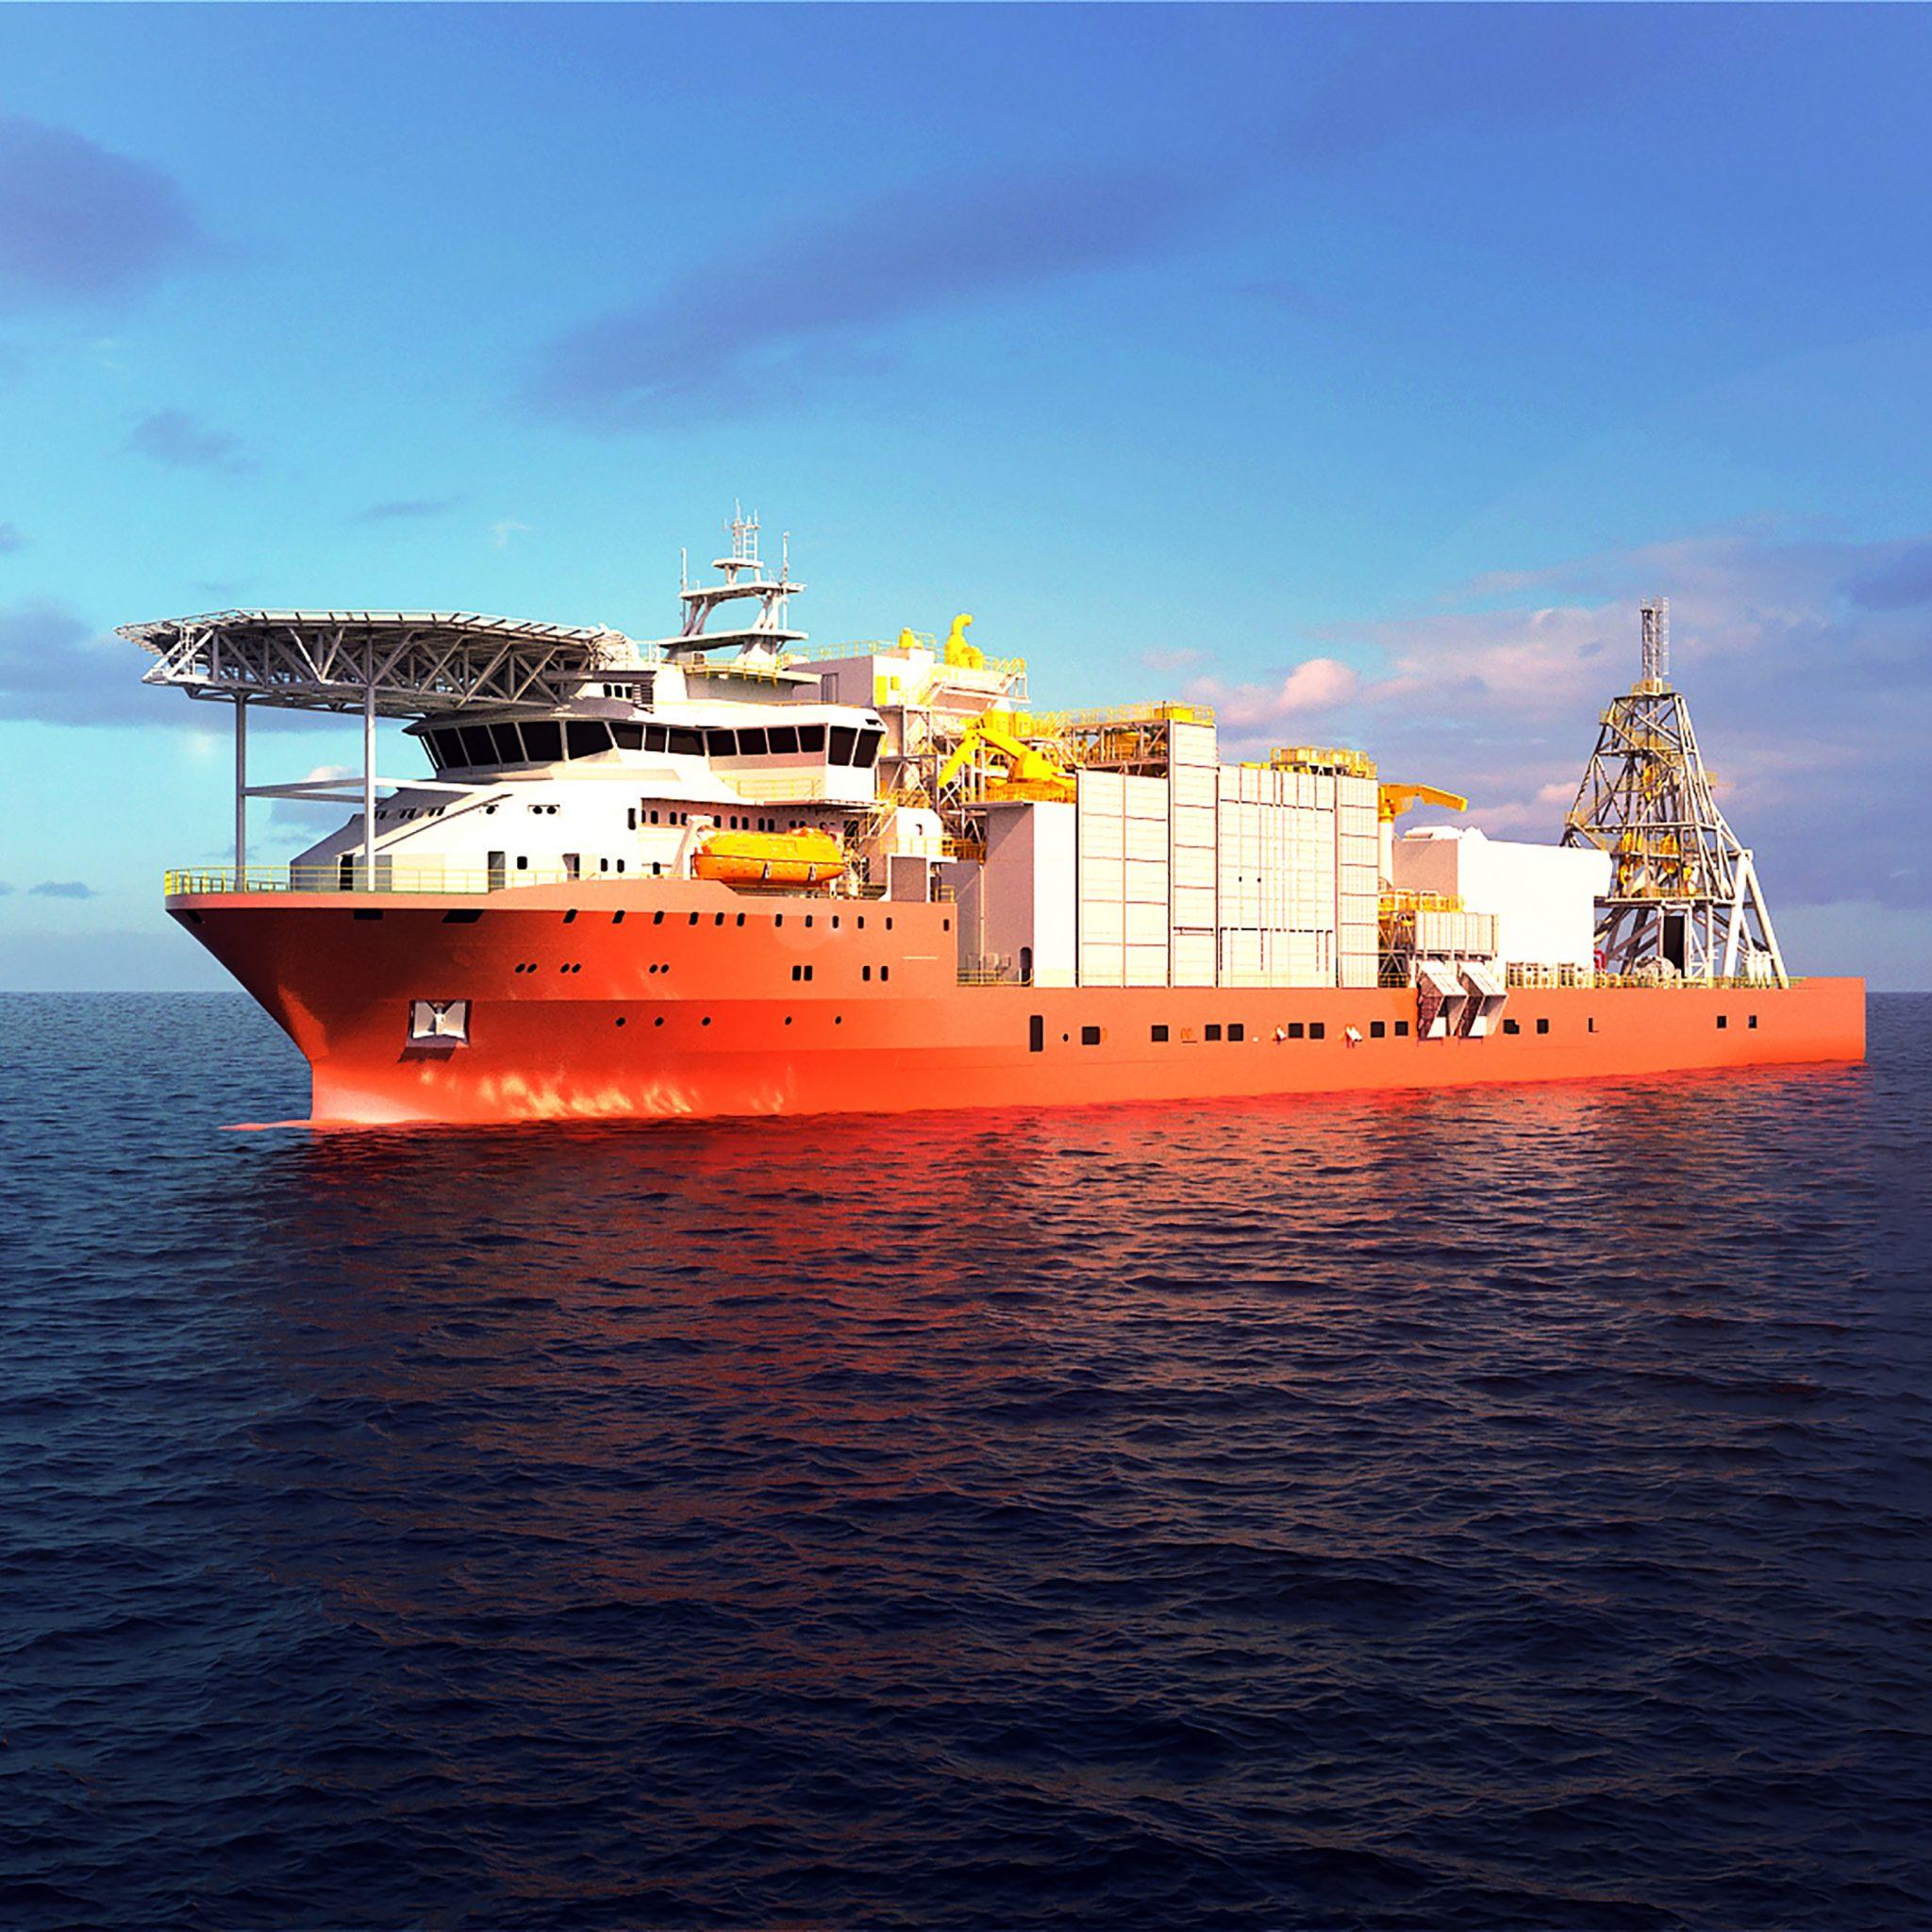 Het 177-meter lange schip is de grootste van zijn soort. (Foto Alewijnse)